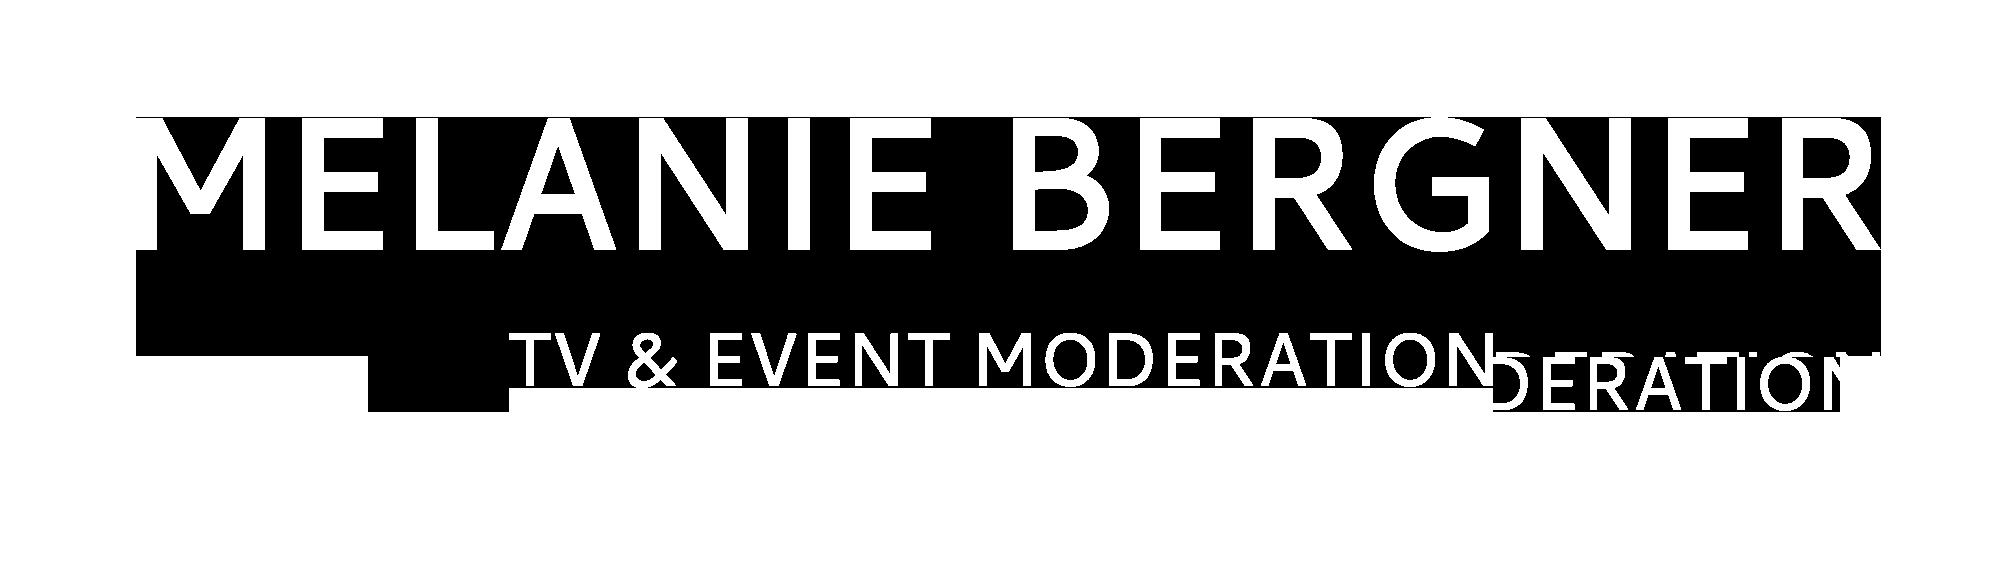 MELANIE BERGNER-logo-white (1) Kopie.png